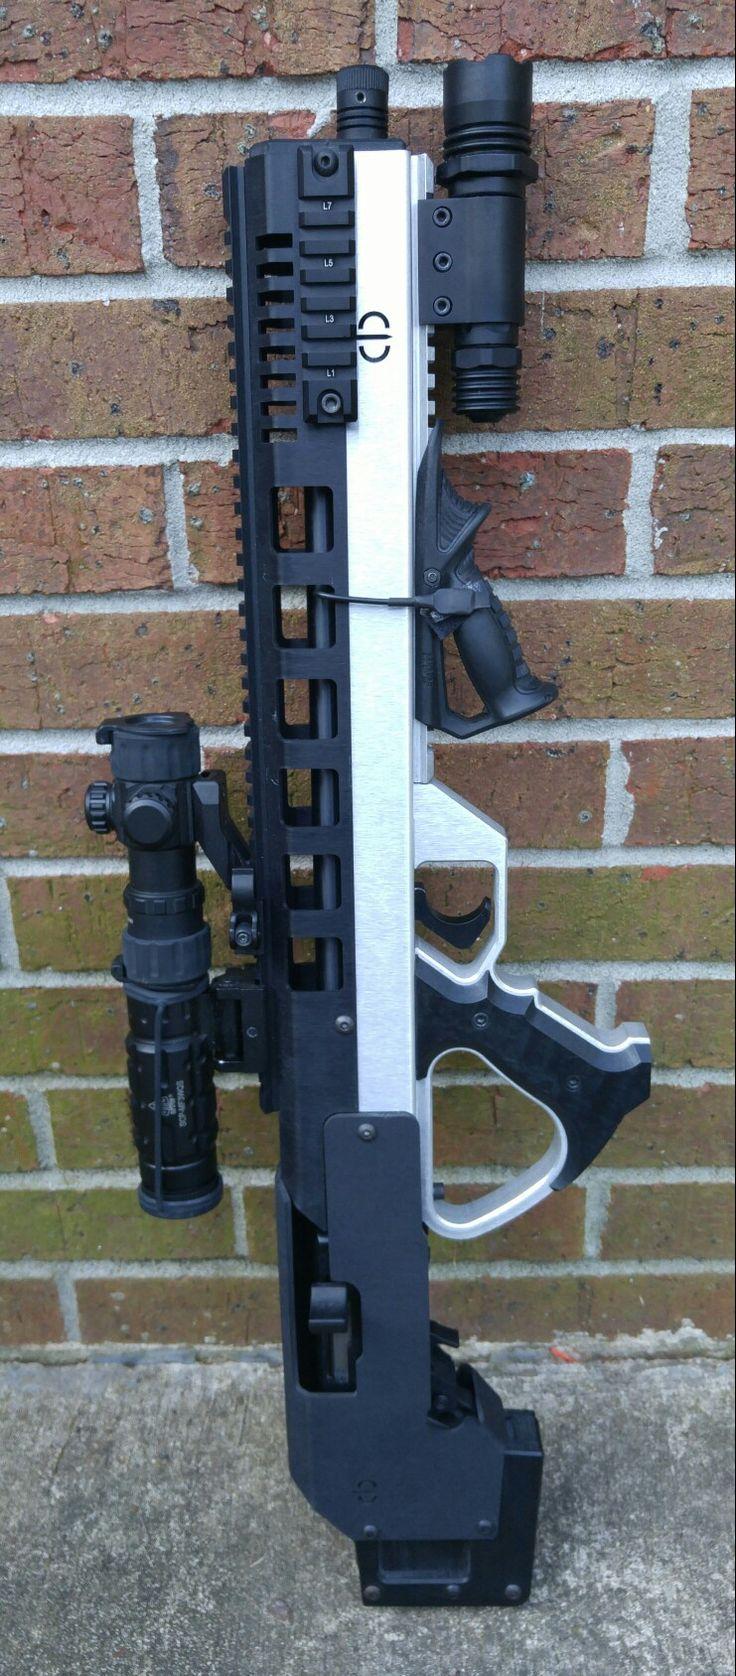 Ruget 1022 with CBRPS Raptor kit